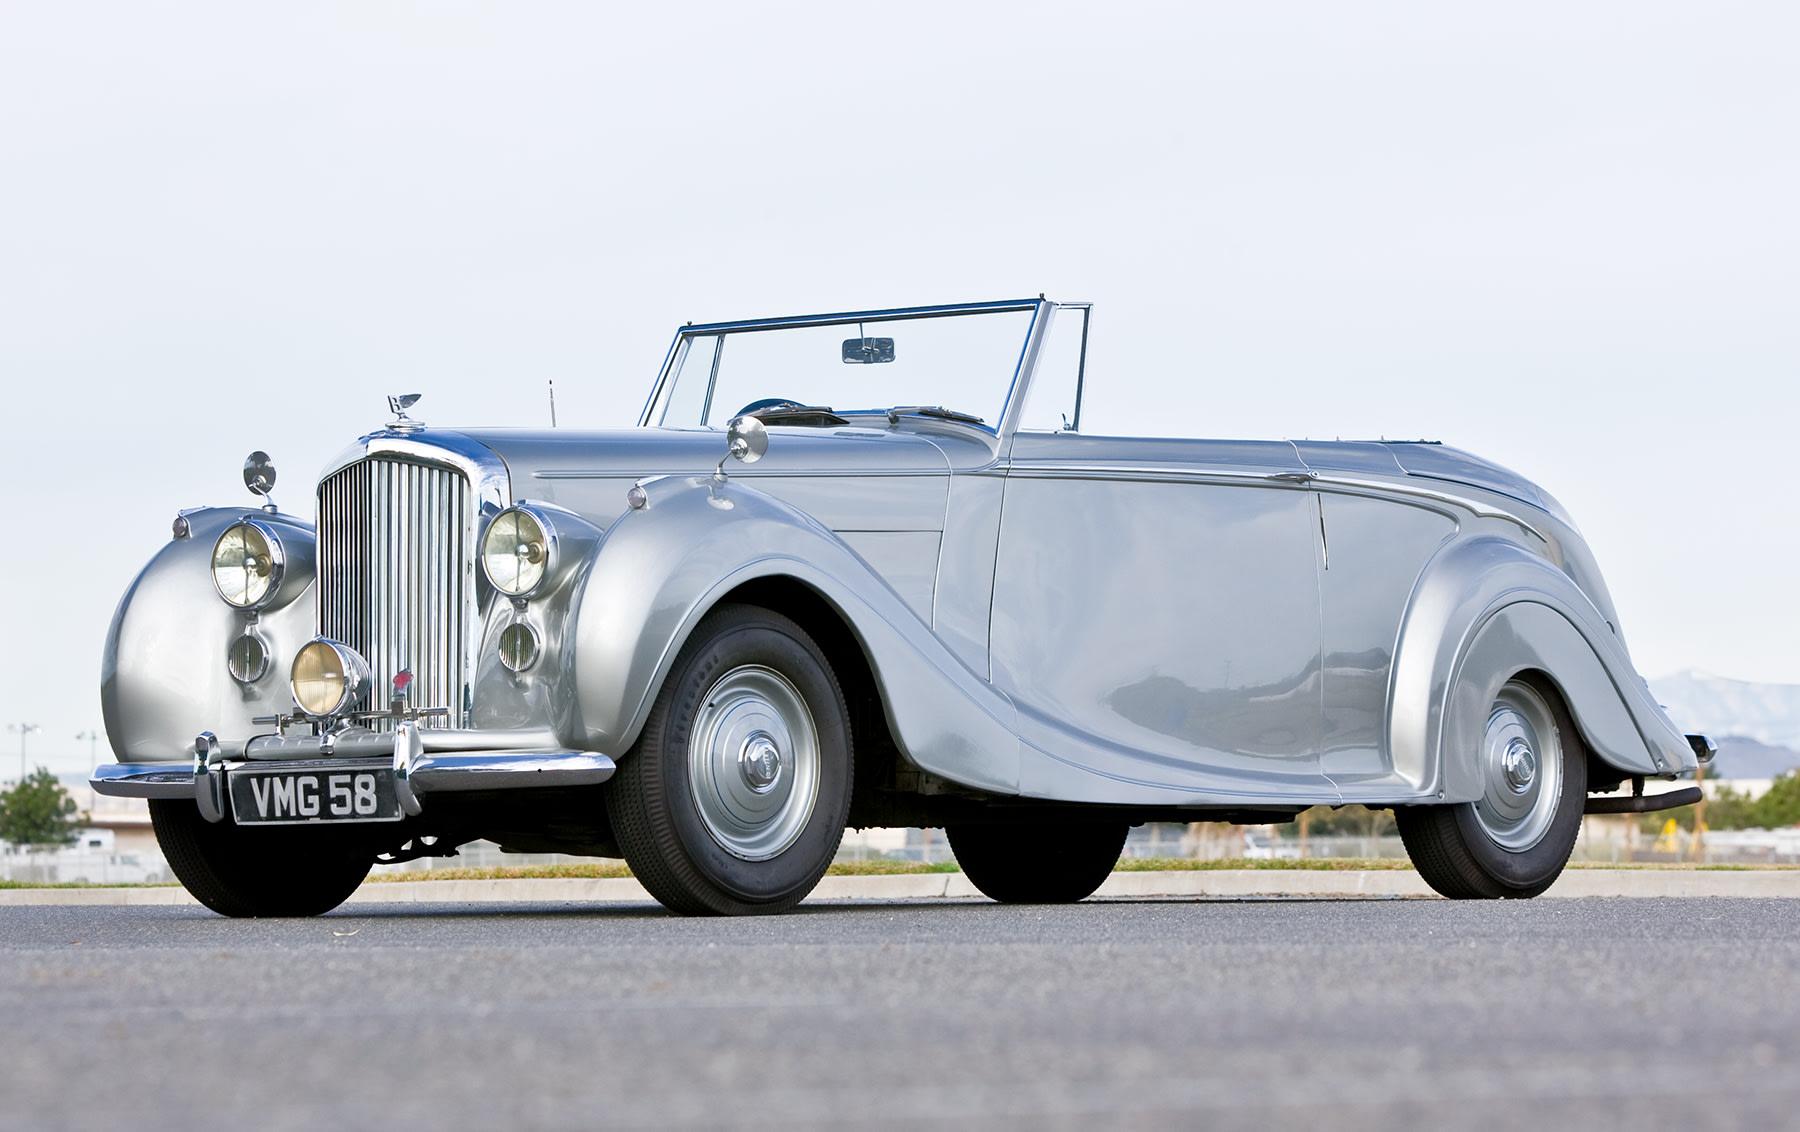 1949 Bentley Mark VI Drop Head Coupe